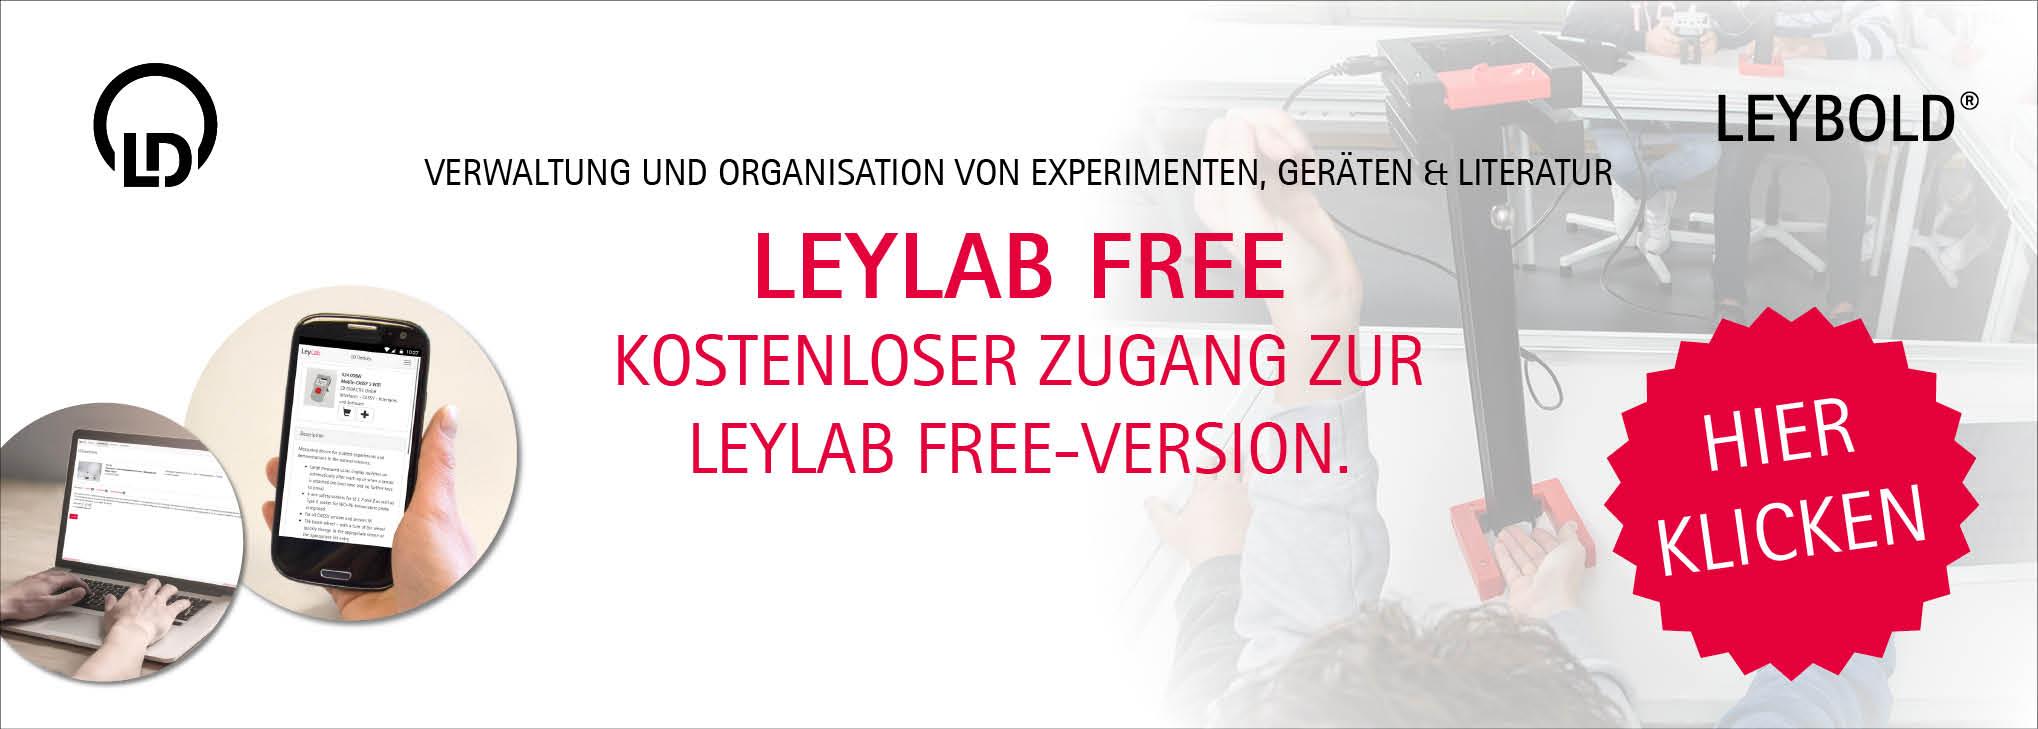 Registrierung LeyLab Free-Version